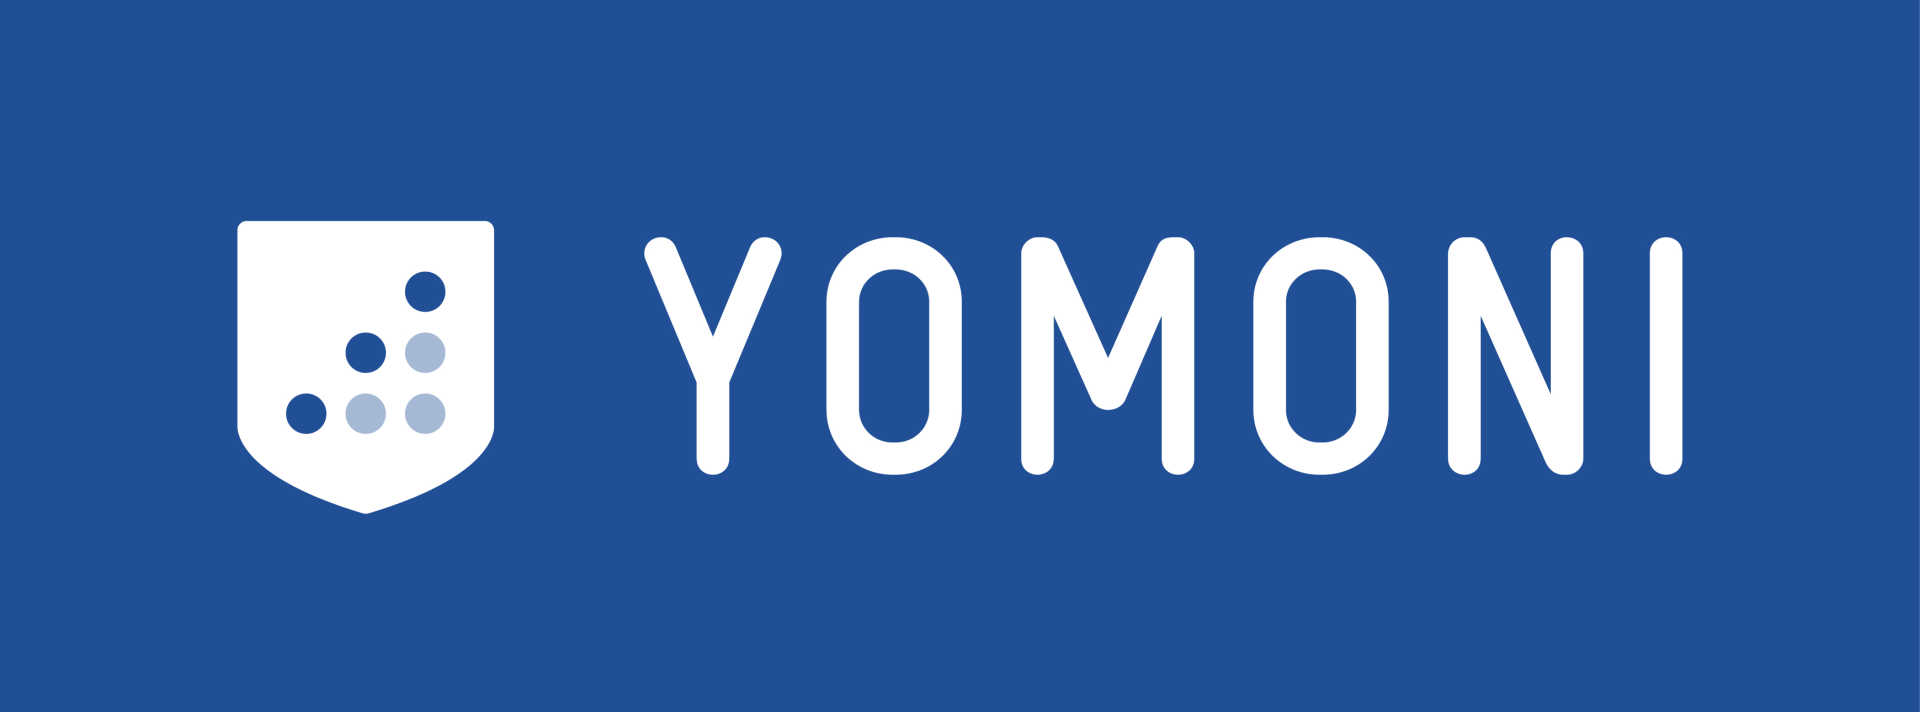 Yomoni